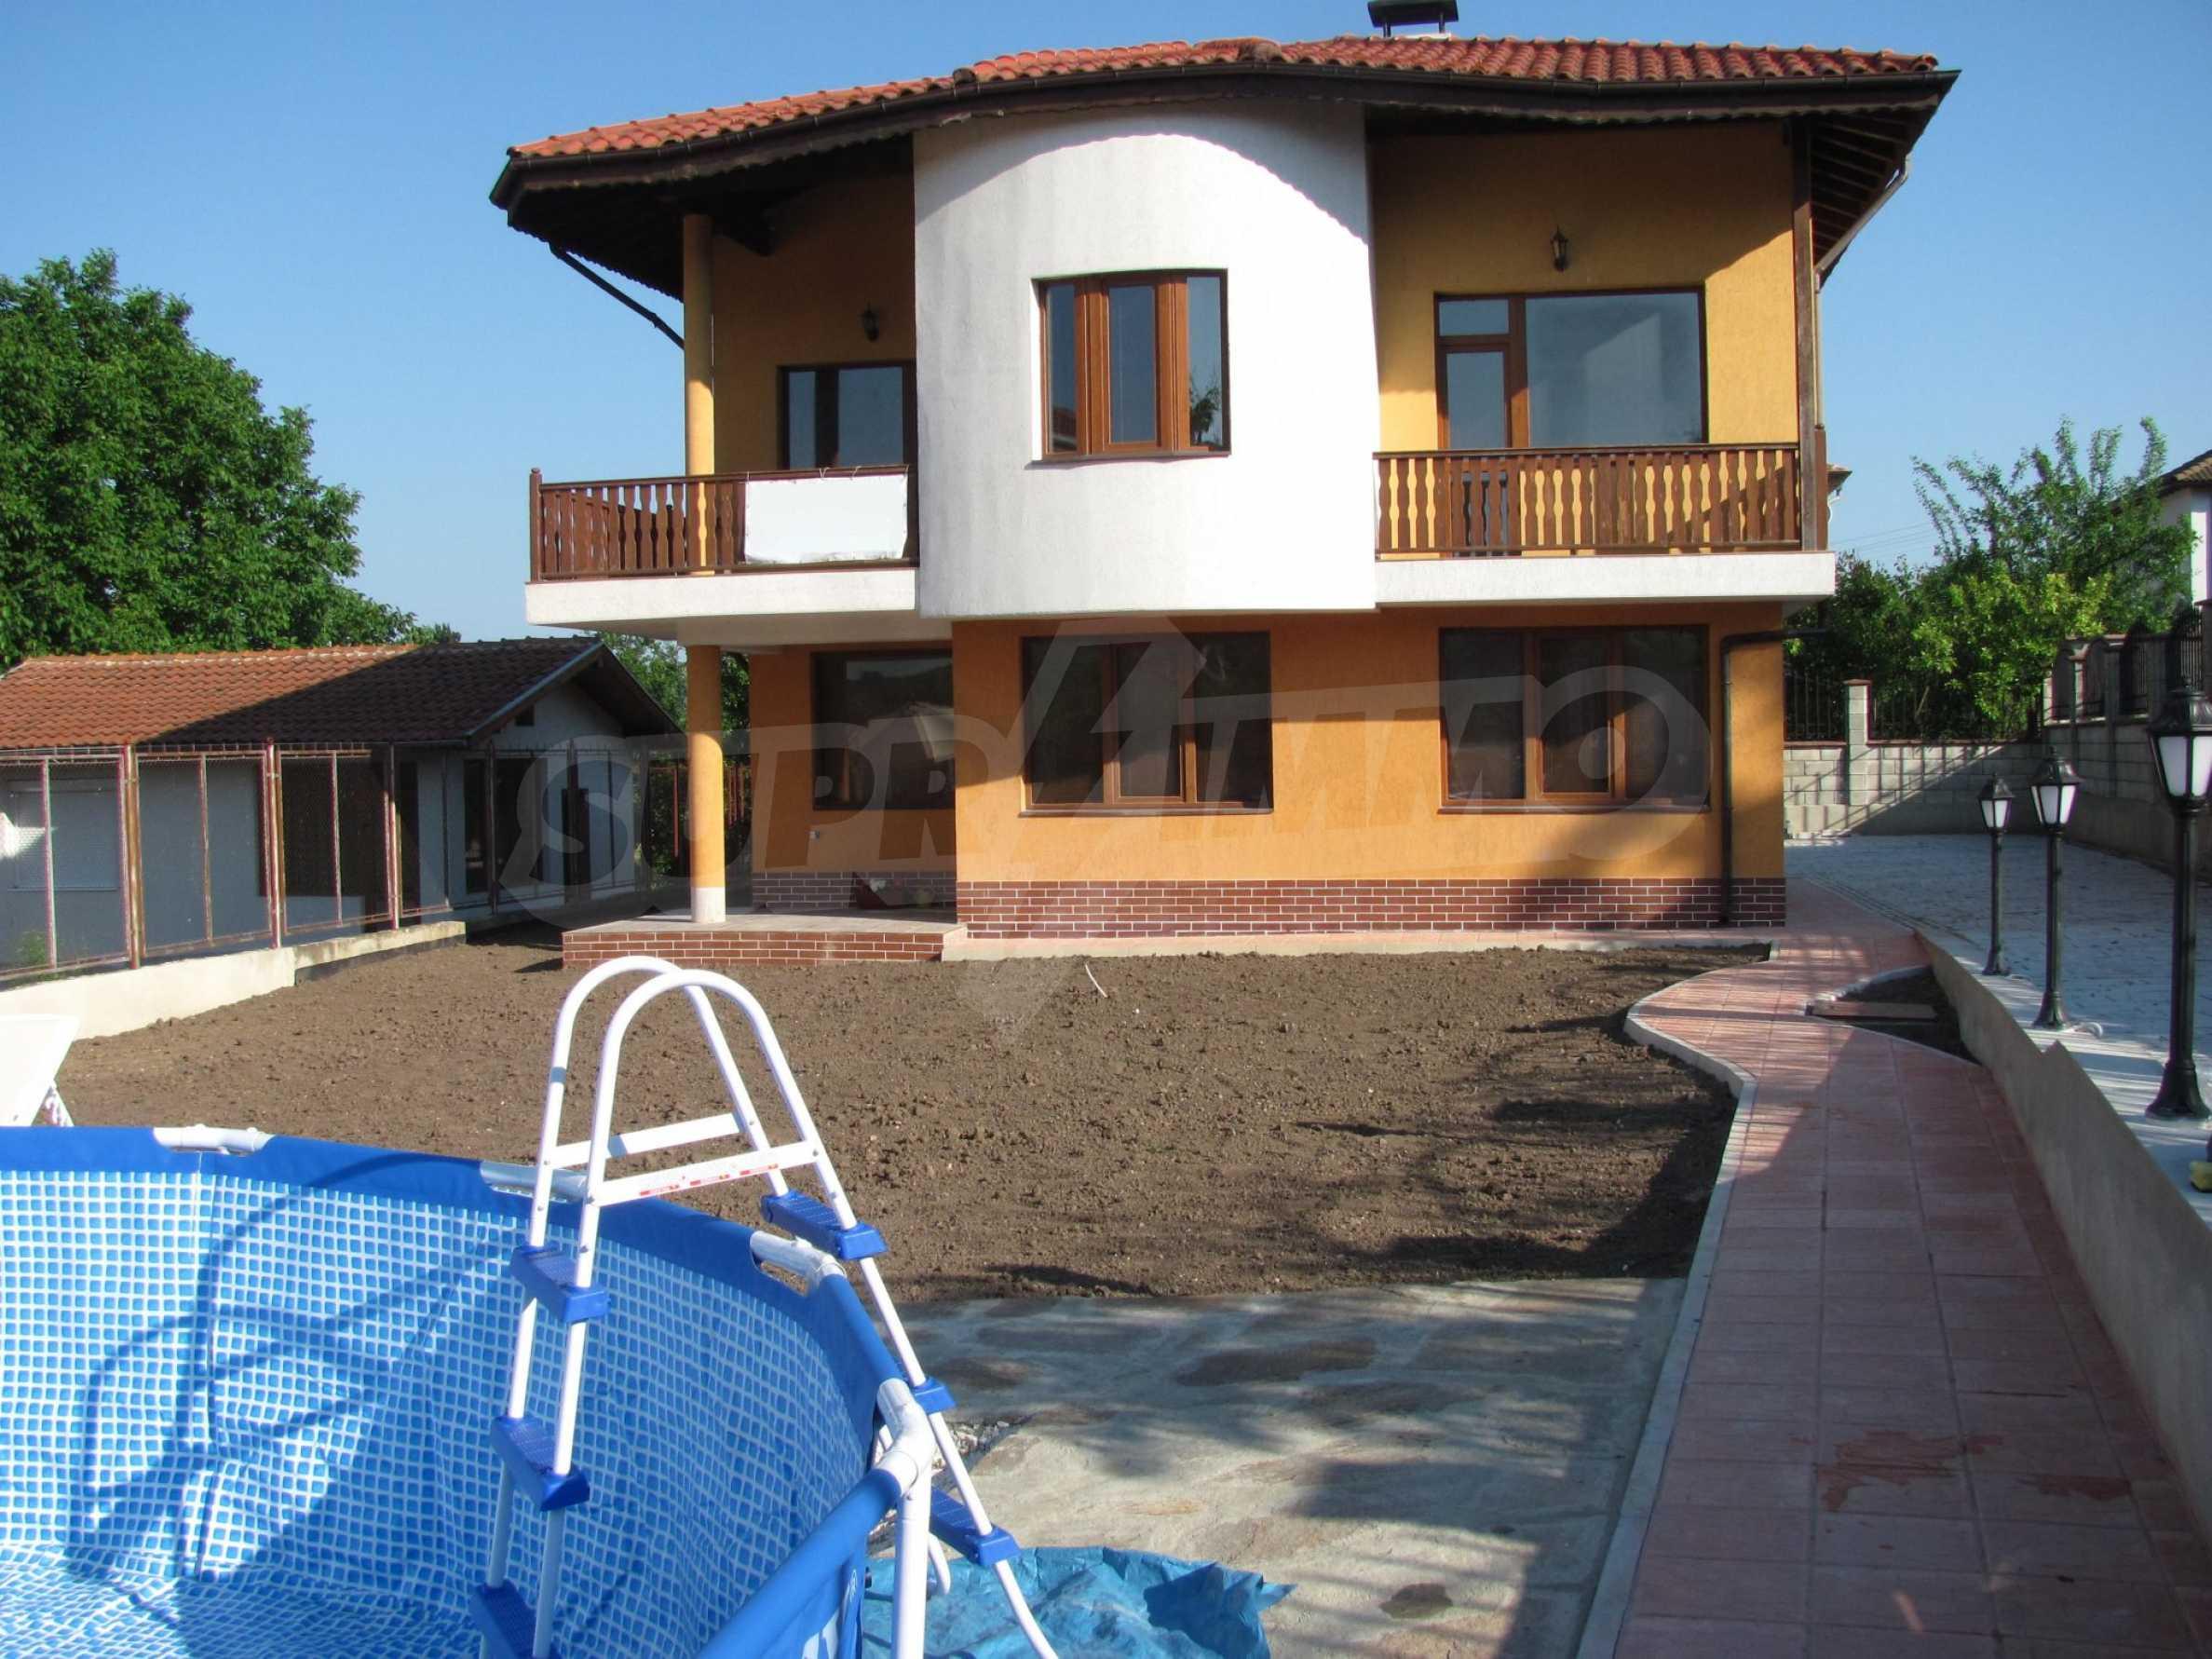 The Orange House 3